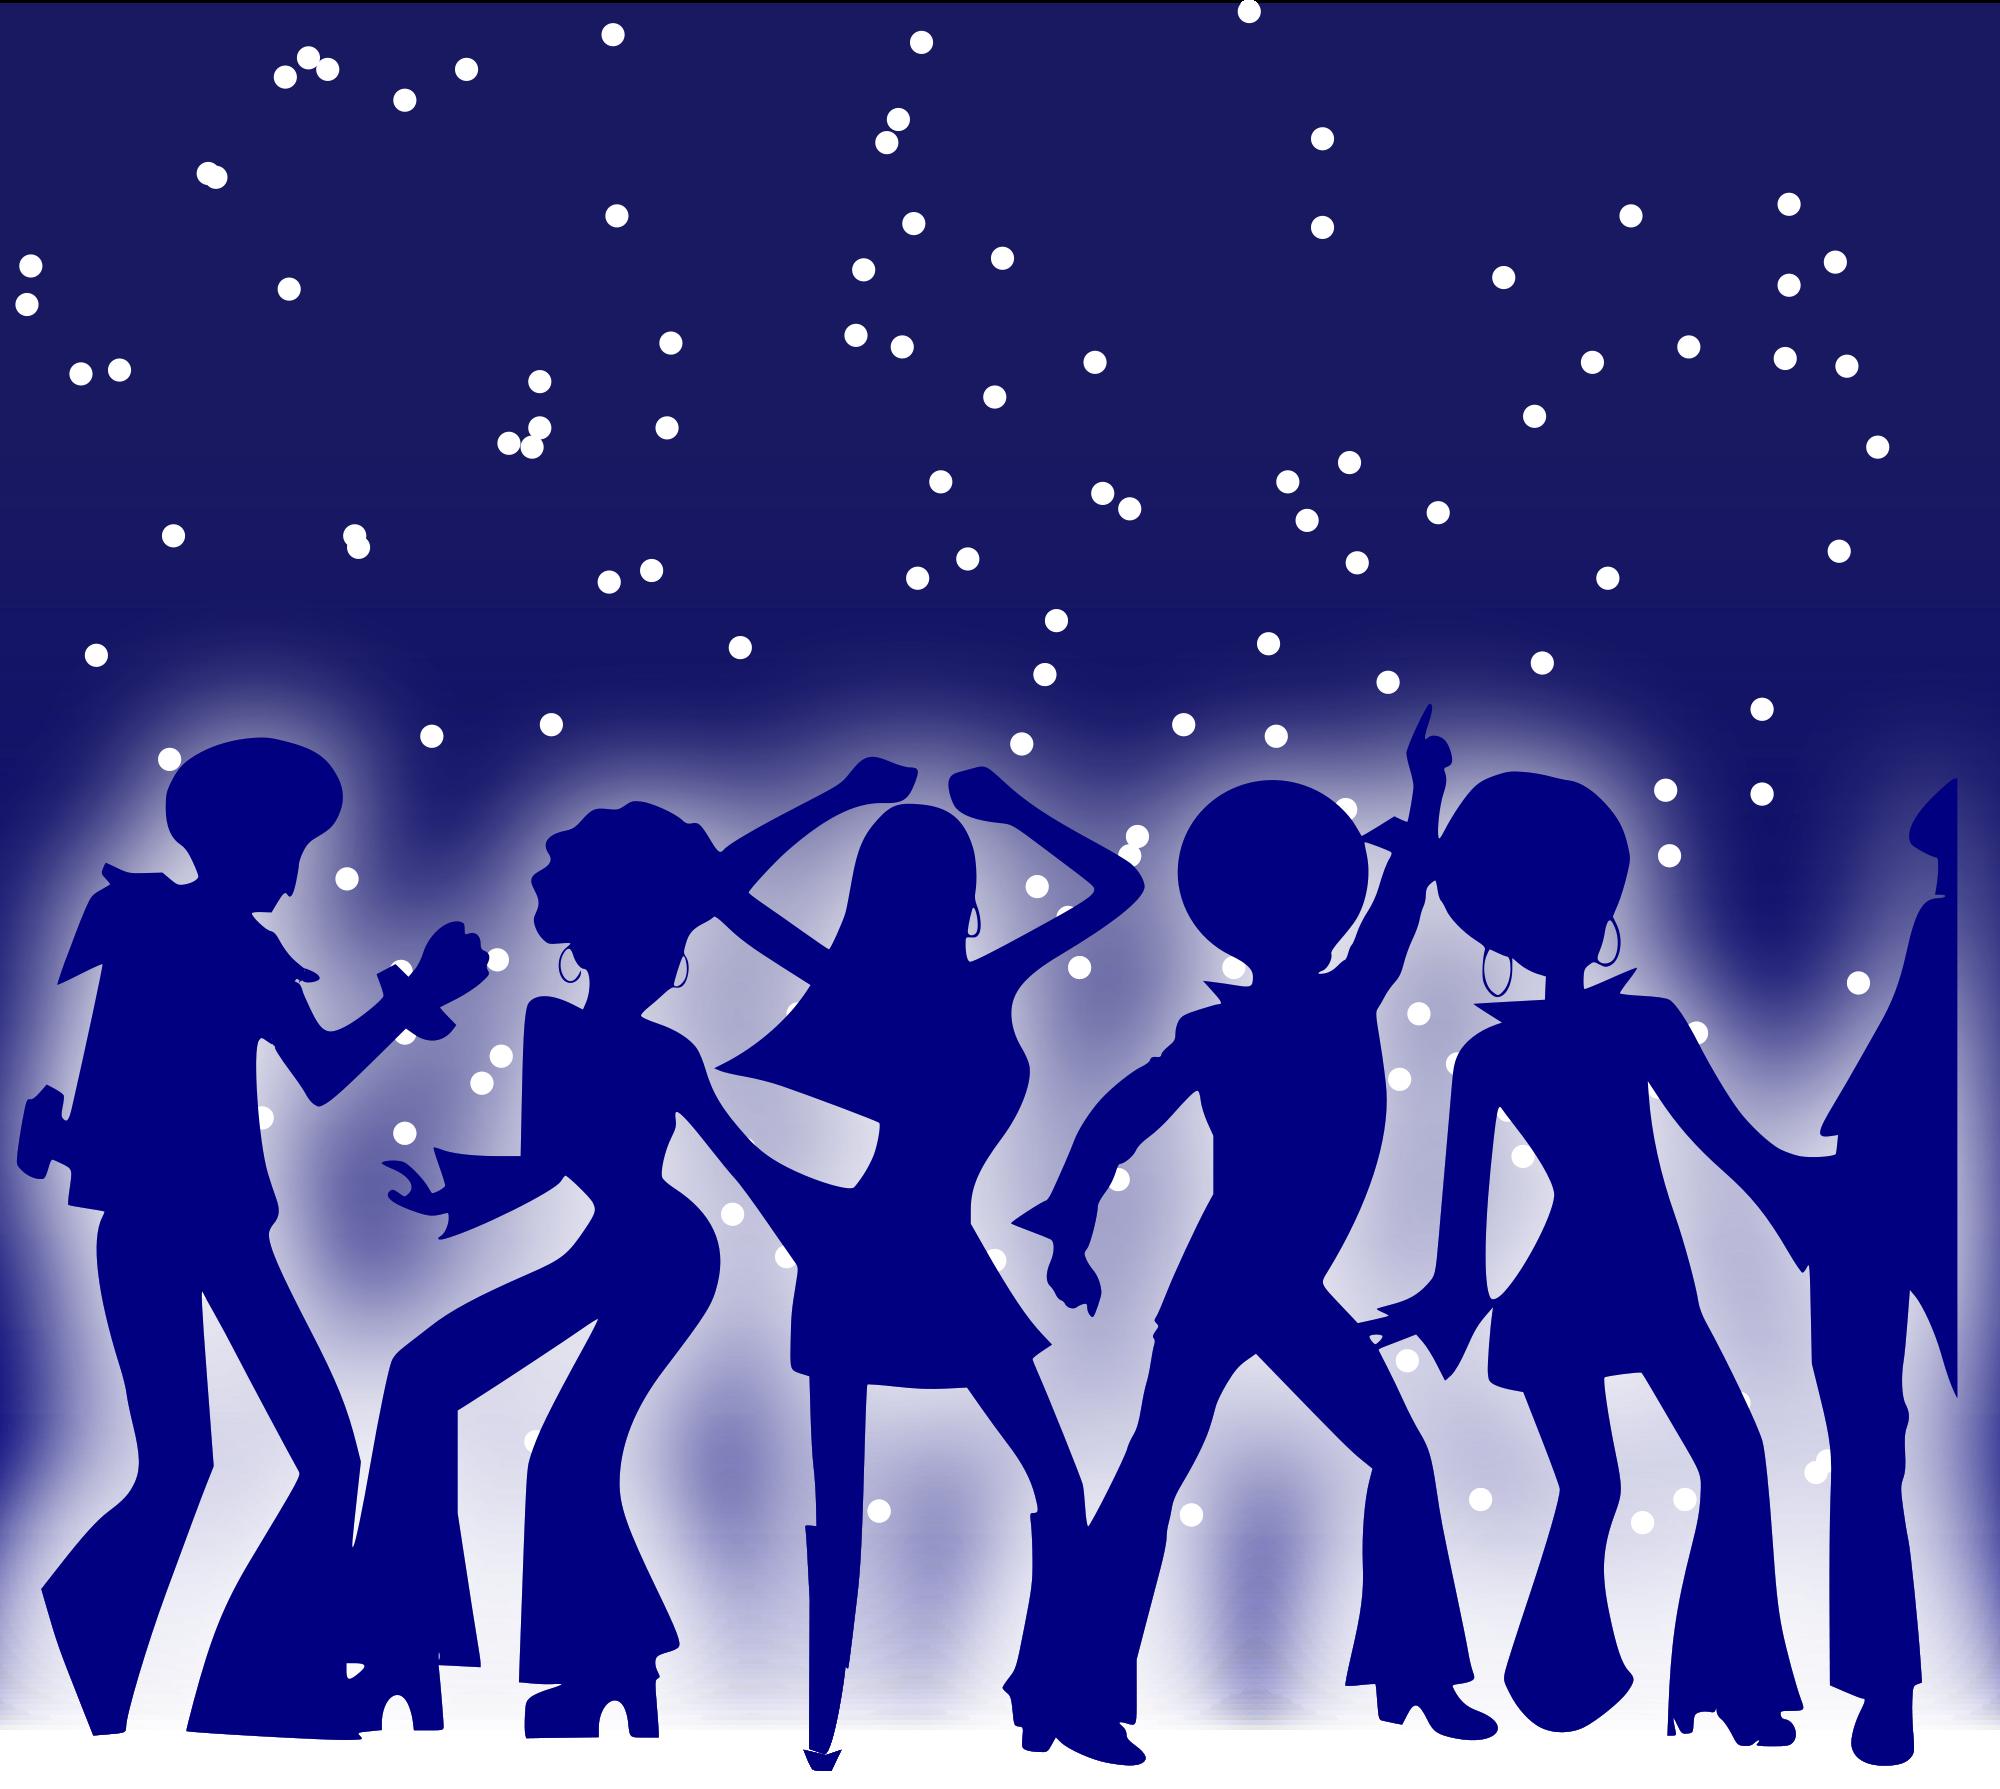 Dance clipart graduation. File disco dancers svg